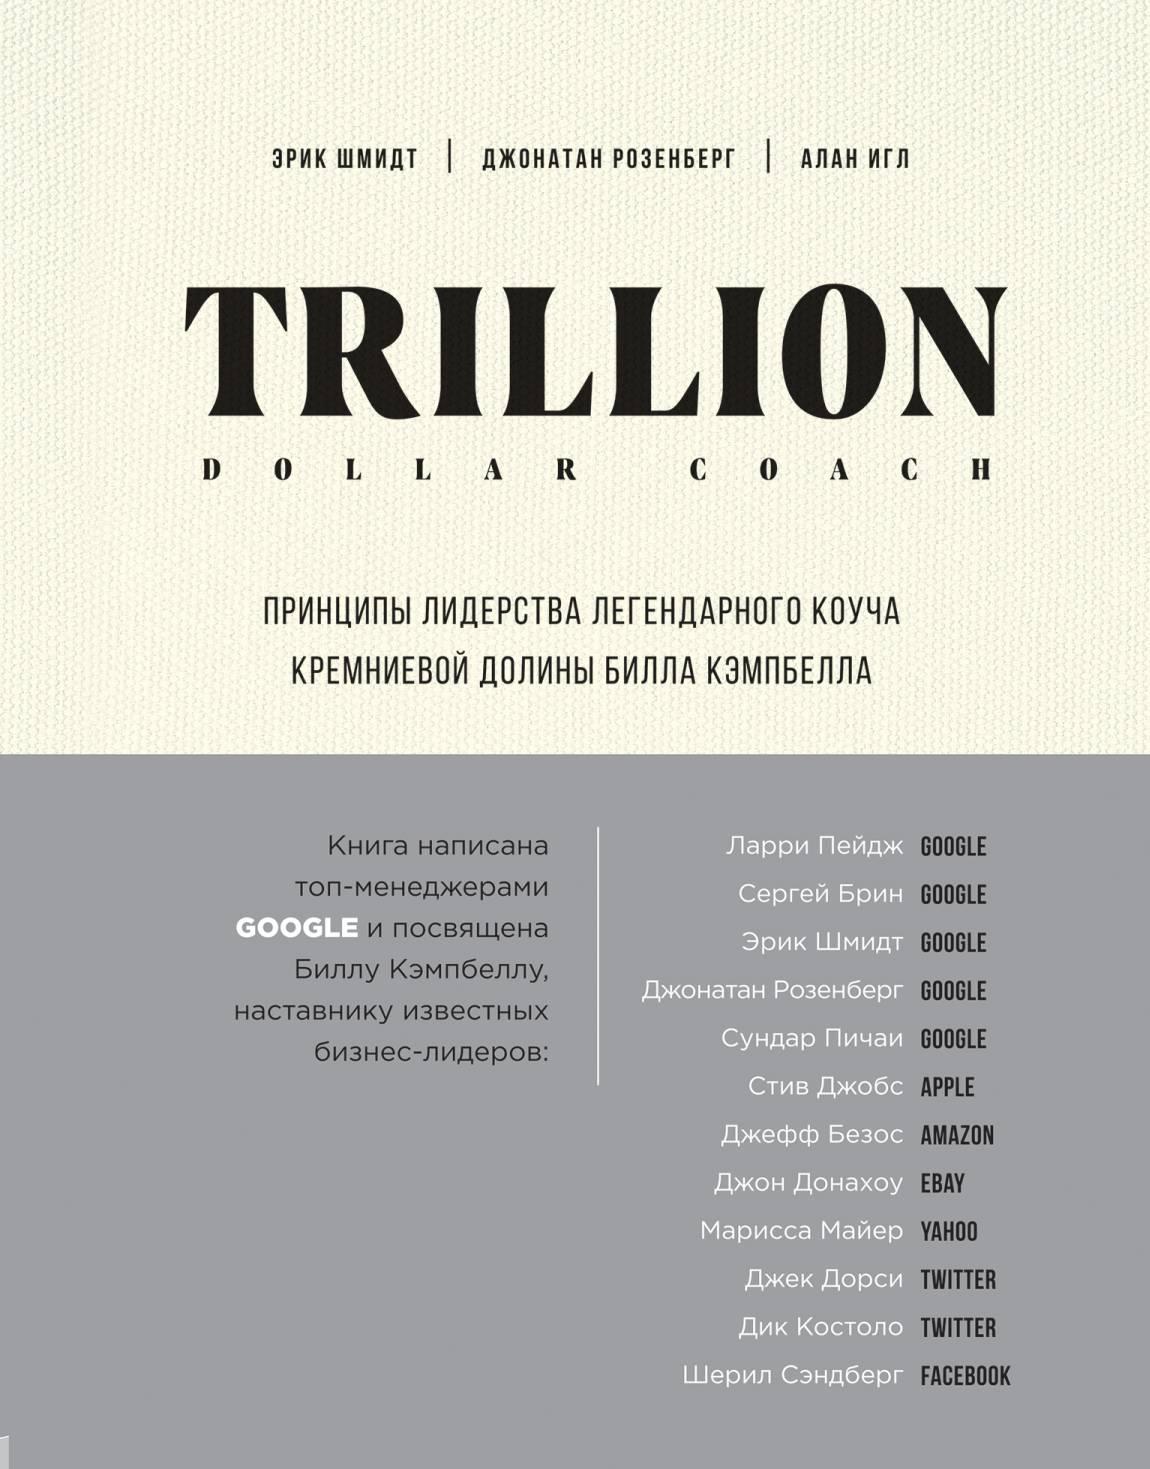 Купить книгу Trillion Dollar Coach. Принципы лидерства легендарного коуча Кремниевой долины Билла Кэмпбелла, автора Эрика Шмидта